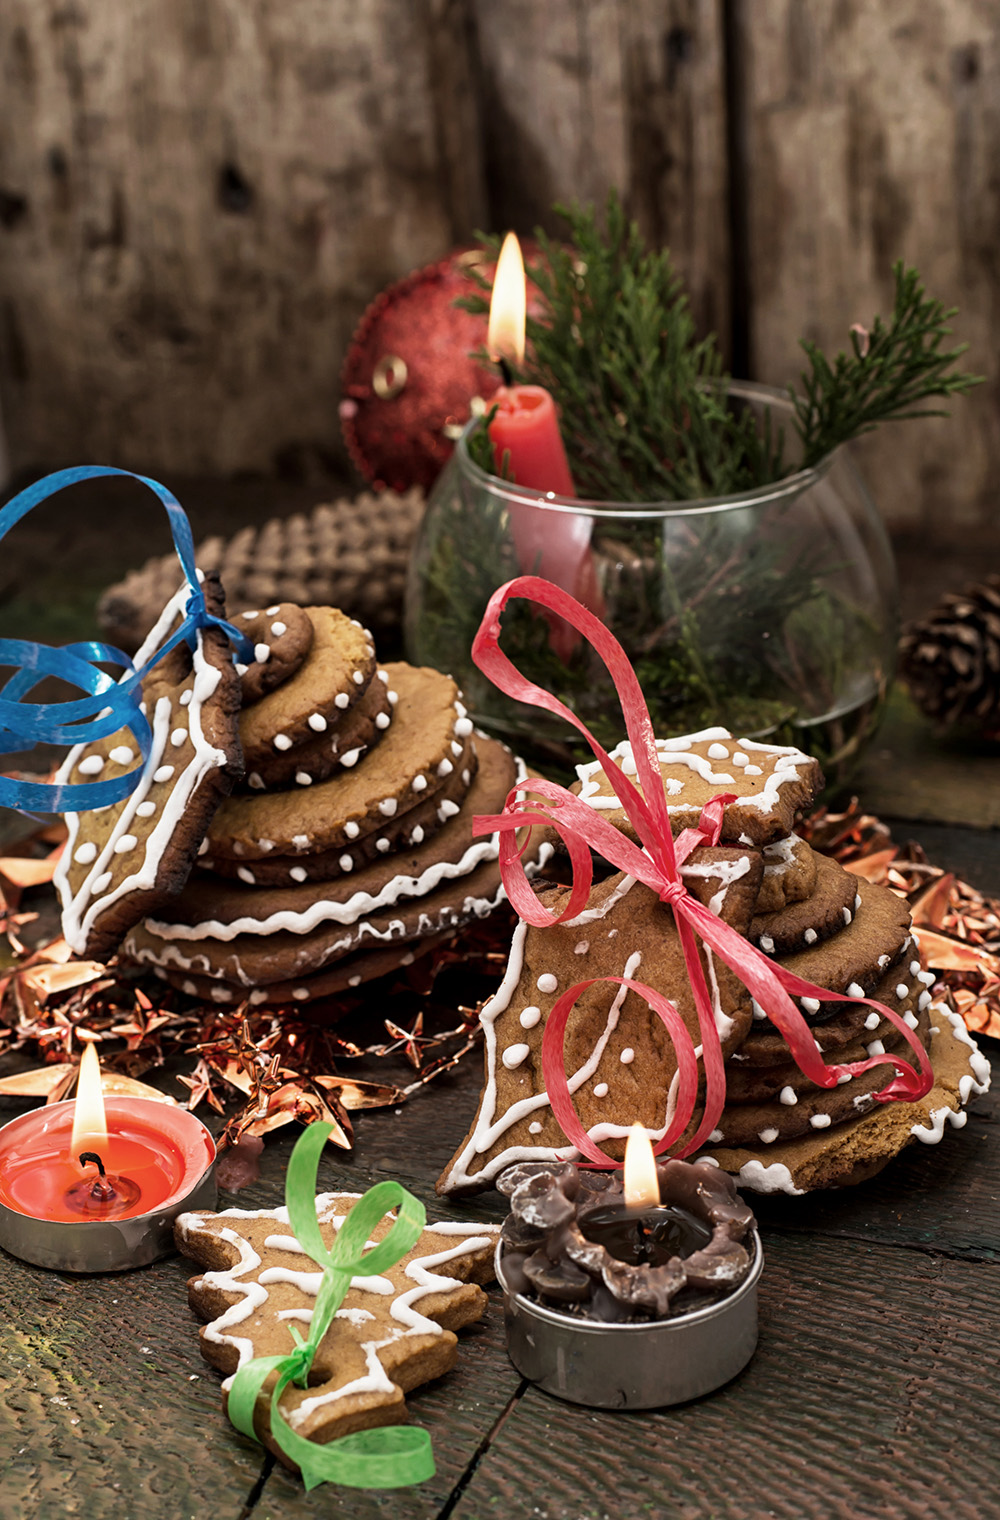 Decoration Biscuit Noel.Decoration Biscuit Noel La Méthode De Maïa Baudelaire